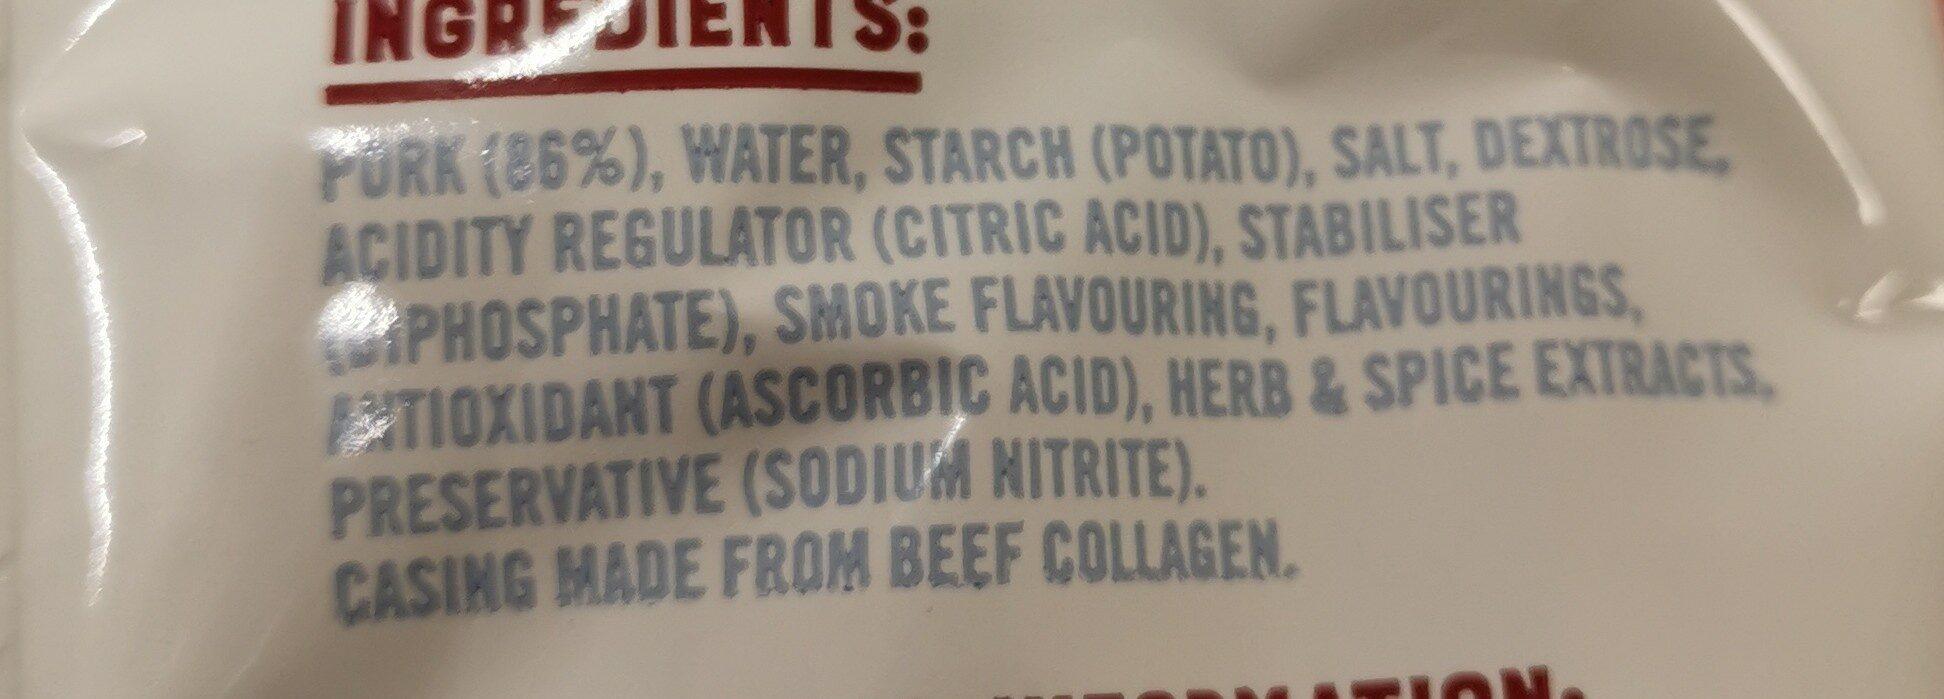 Smoked pork sausage reduced fat - Ingredients - en